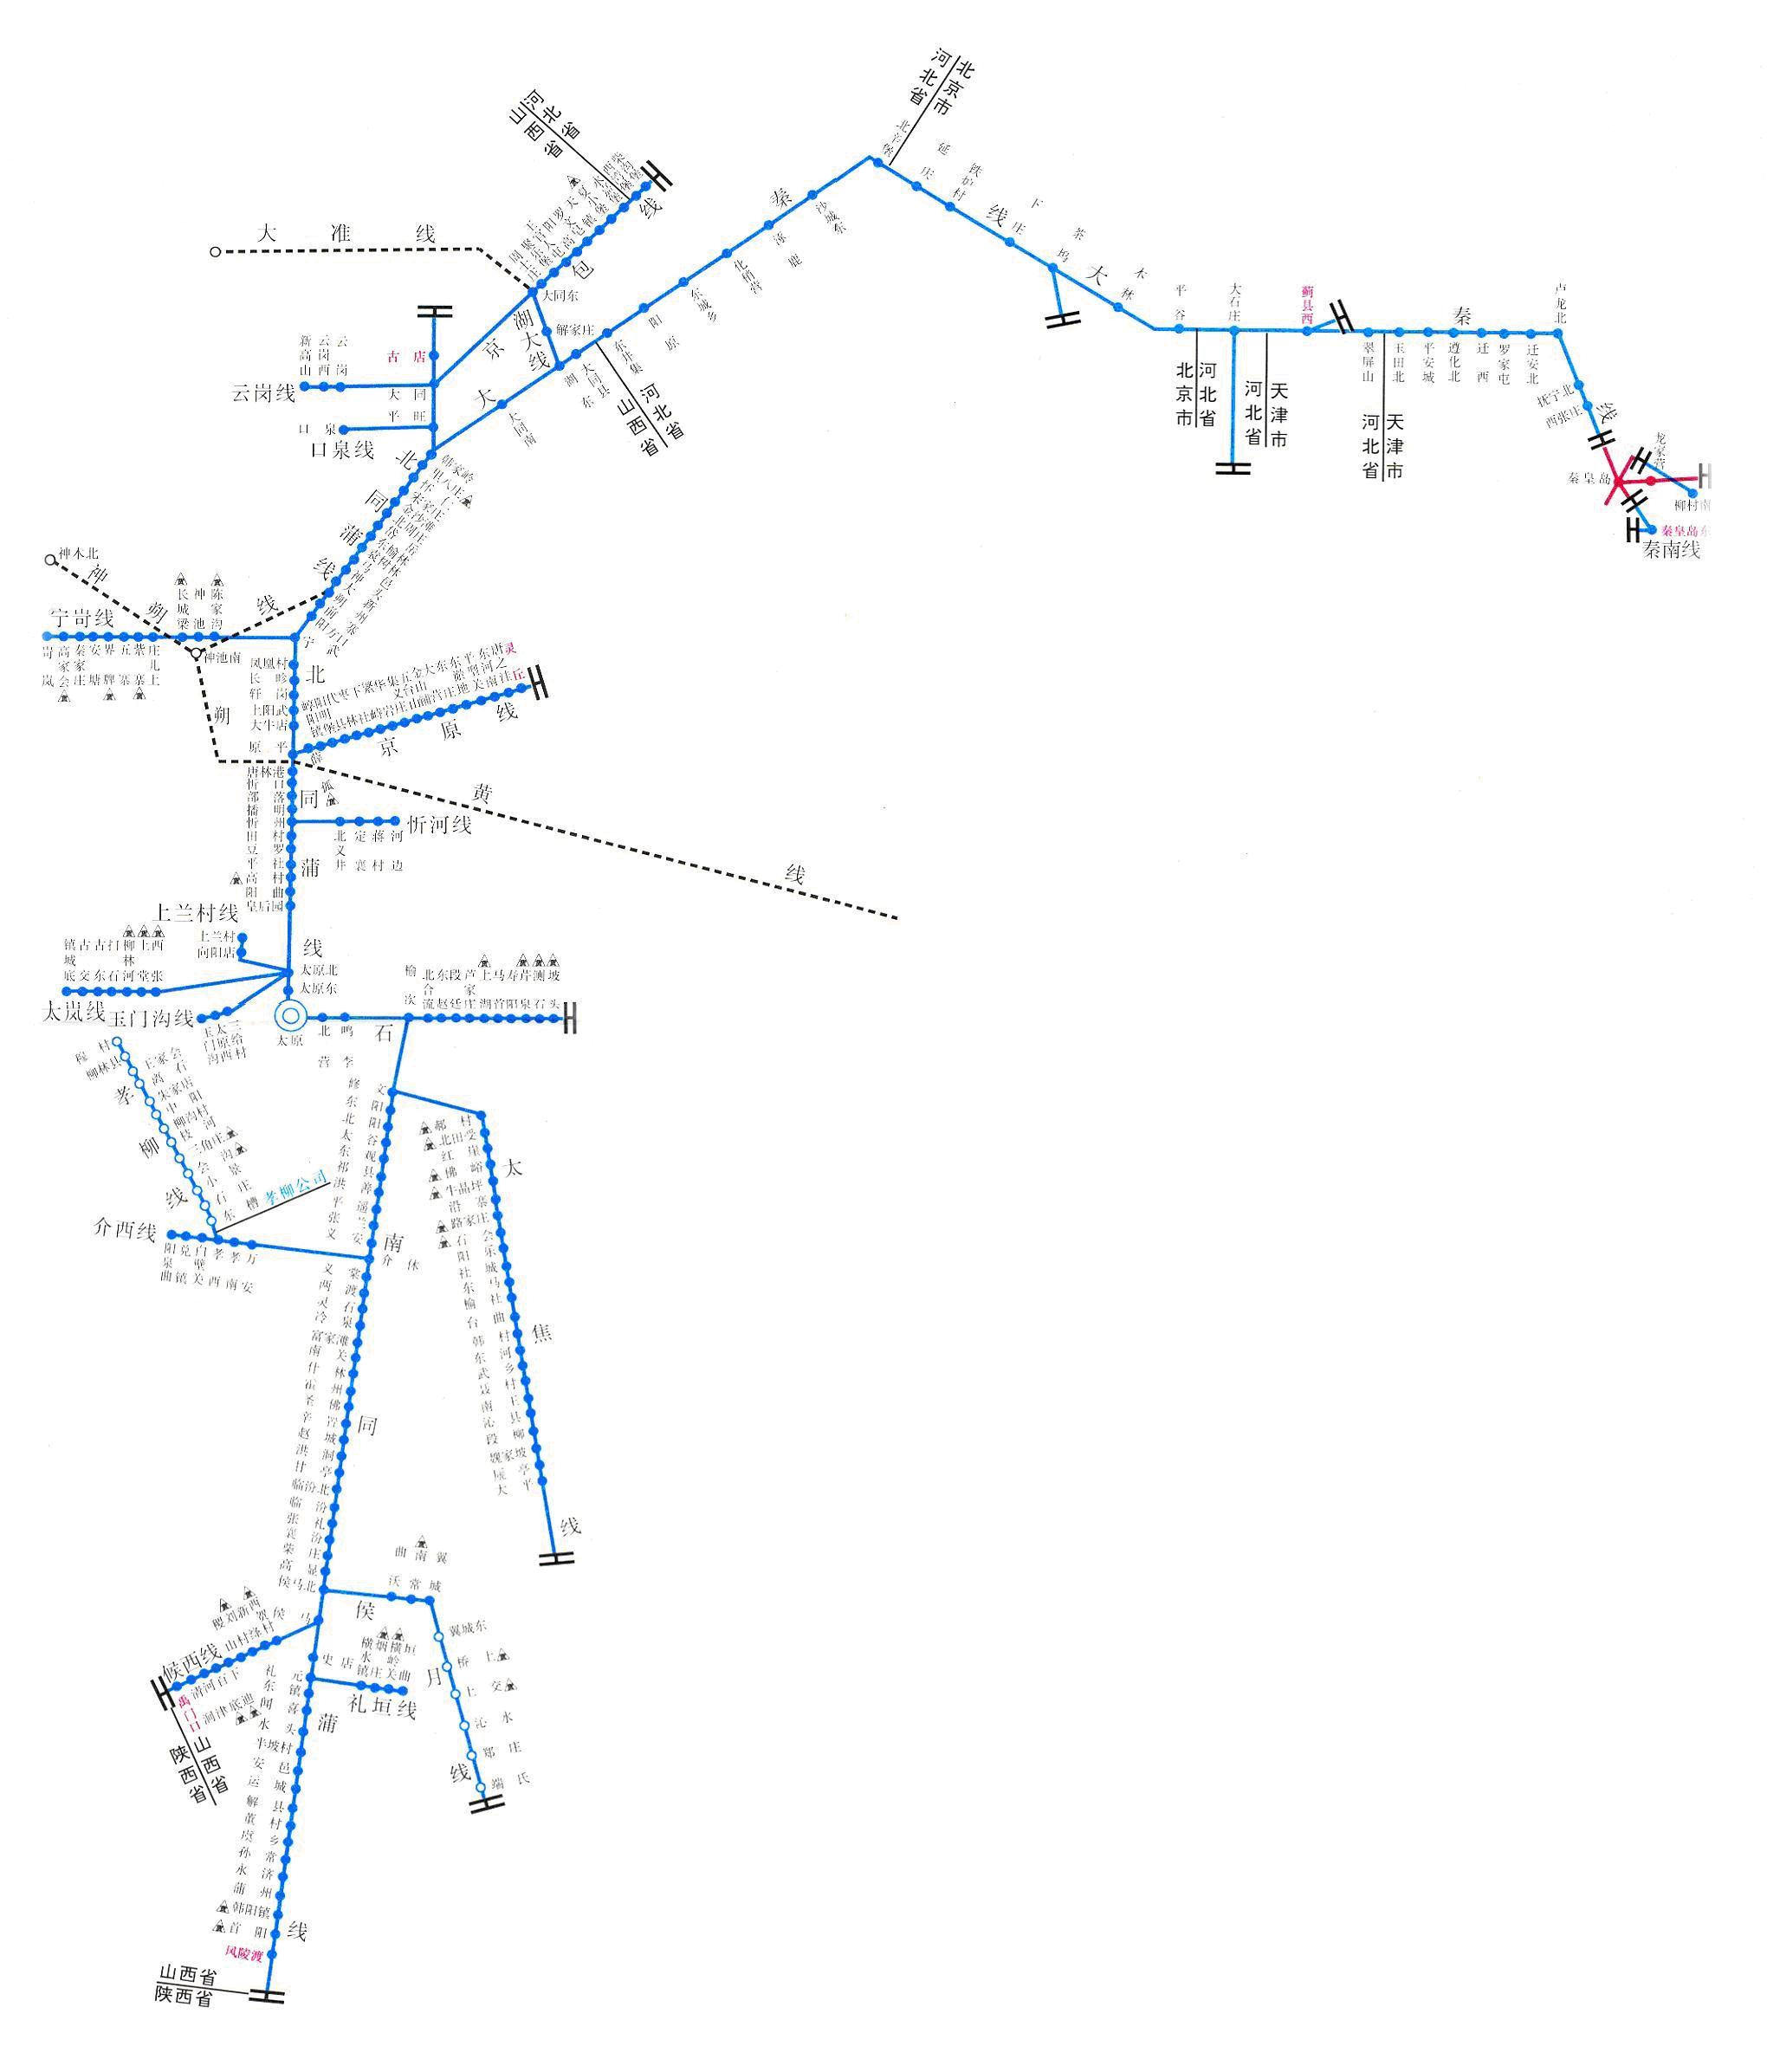 太原铁路局路线图